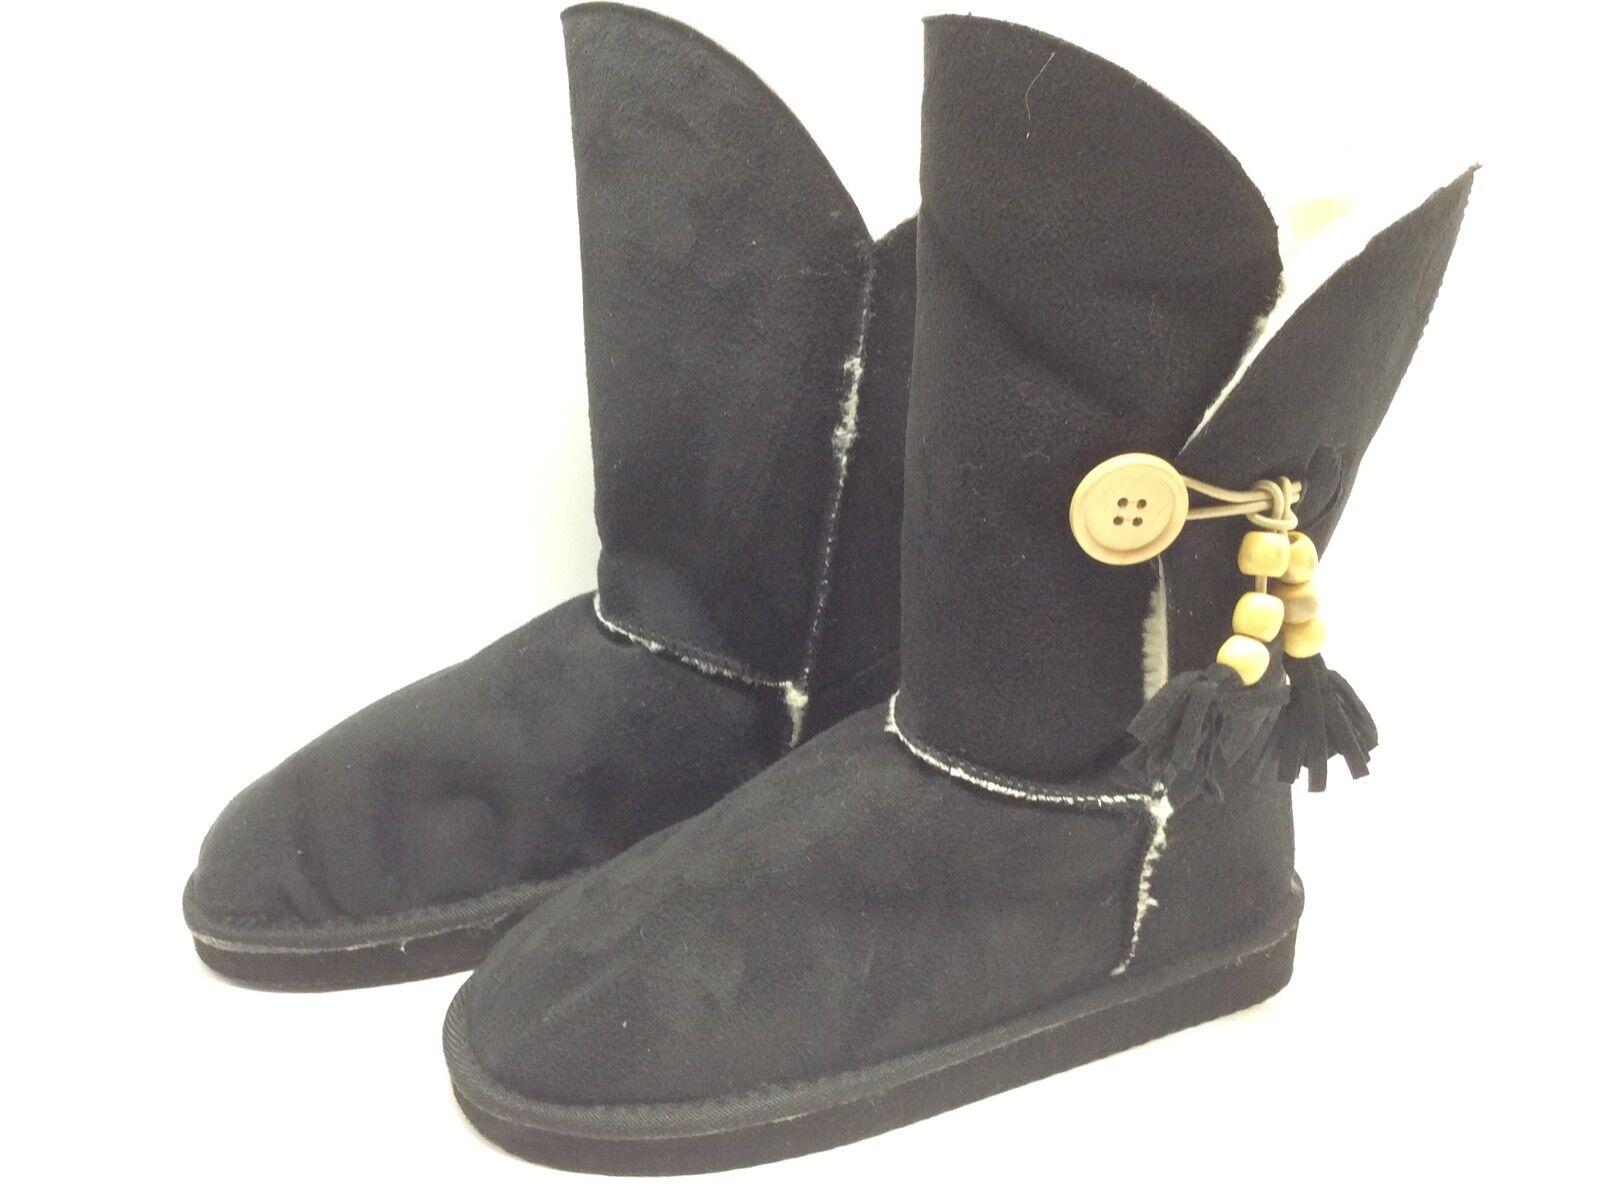 Pierre Dumas Riva - 4 Invierno Moda botas botas botas Negras Talla  51-2 7M  el más barato